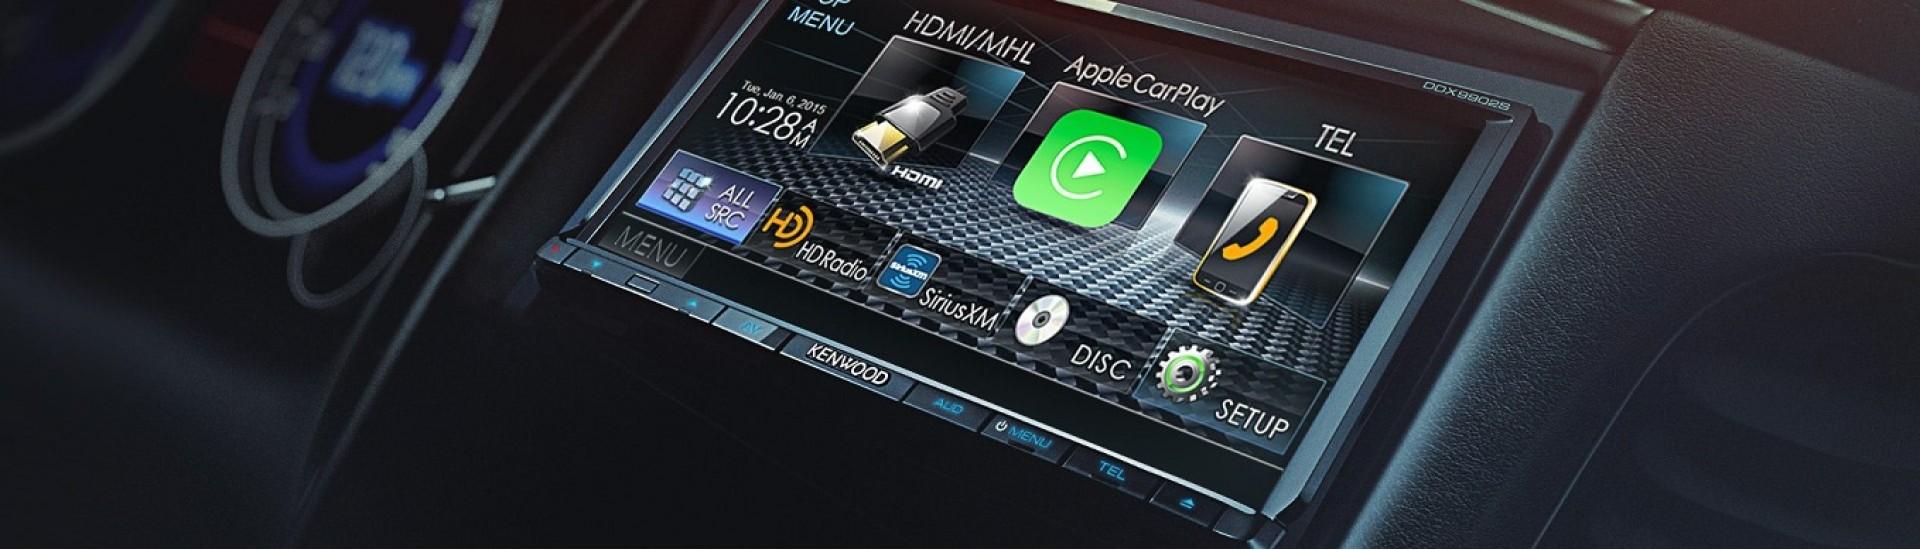 ضبط خودرو ، قیمت ضبط خودرو ، car stereos